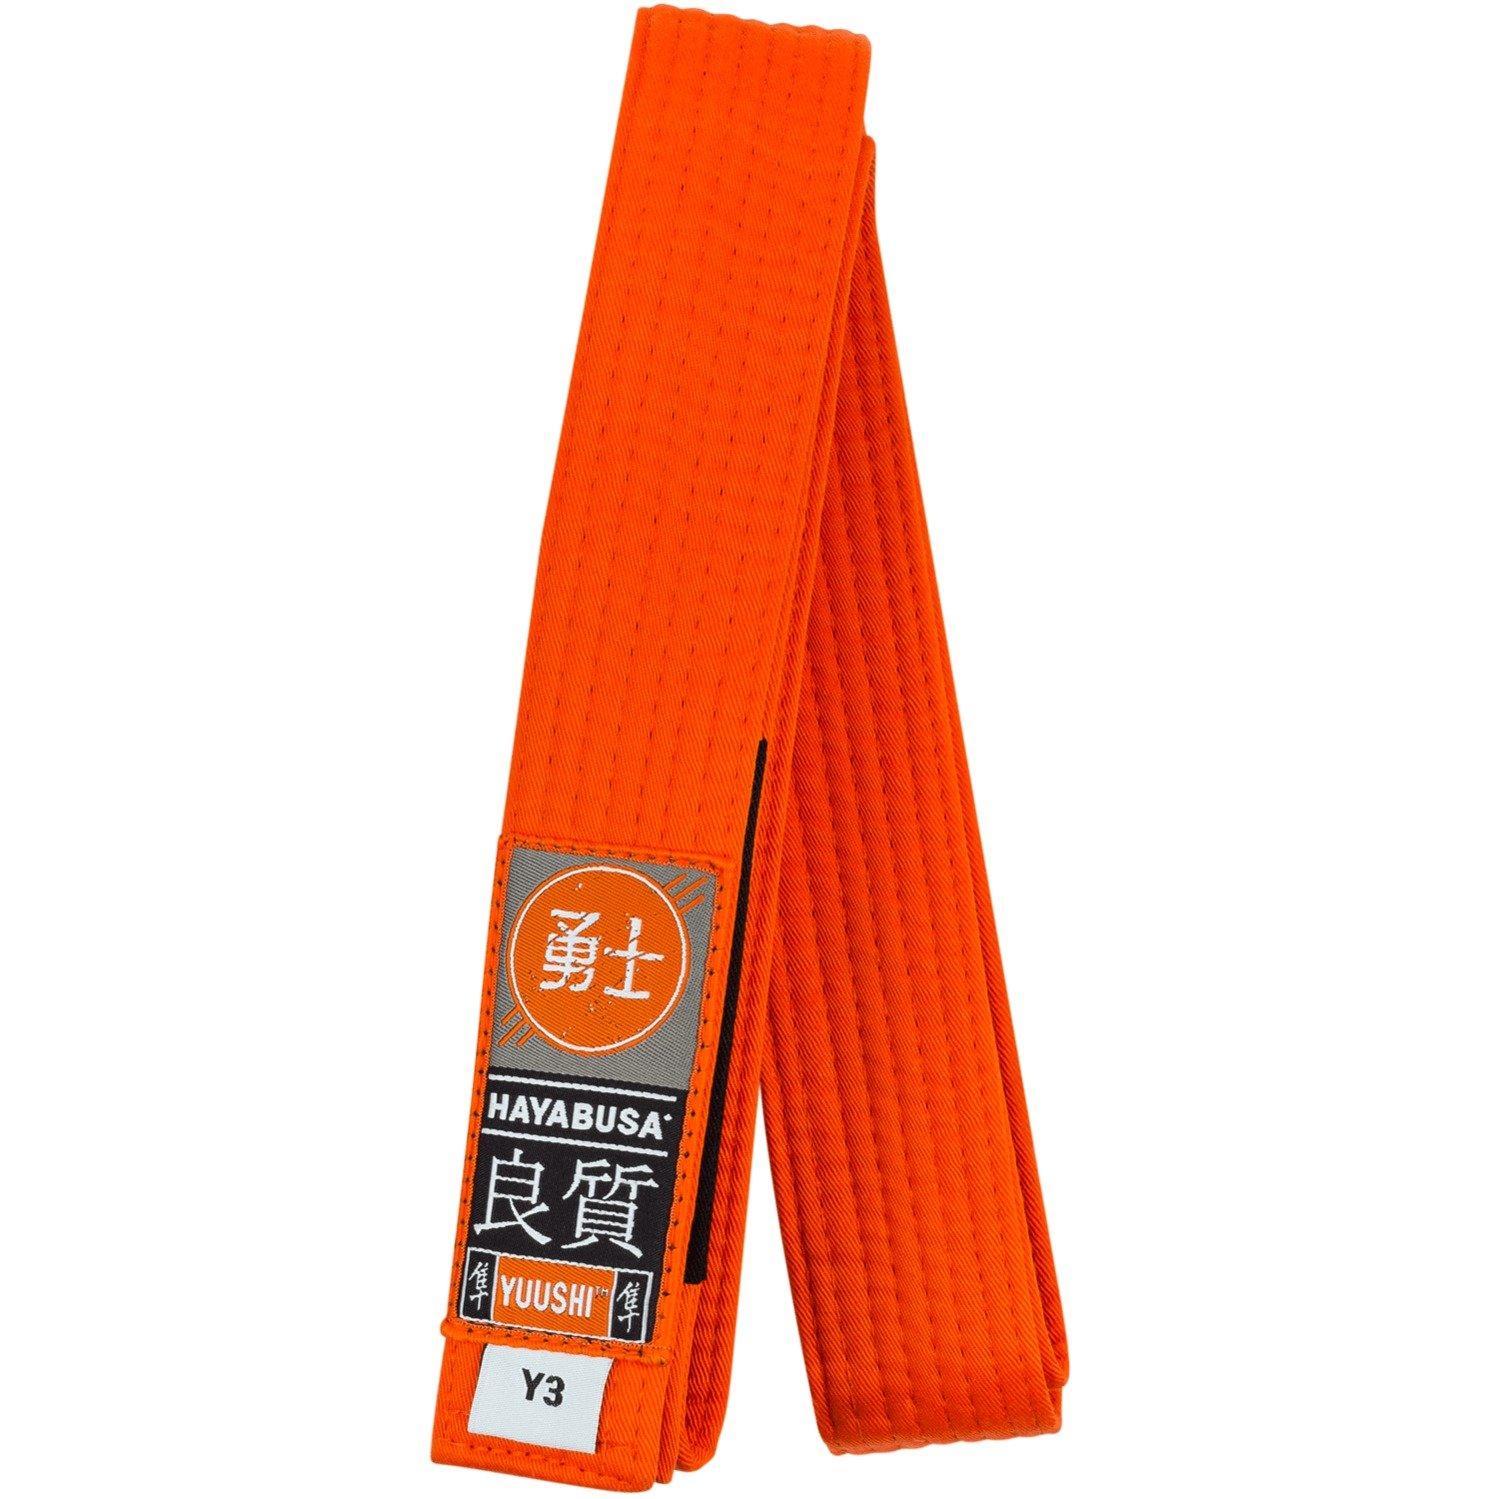 Hayabusa Cotton Youth Jiu Jitsu Belt, Orange, Y00 by Hayabusa